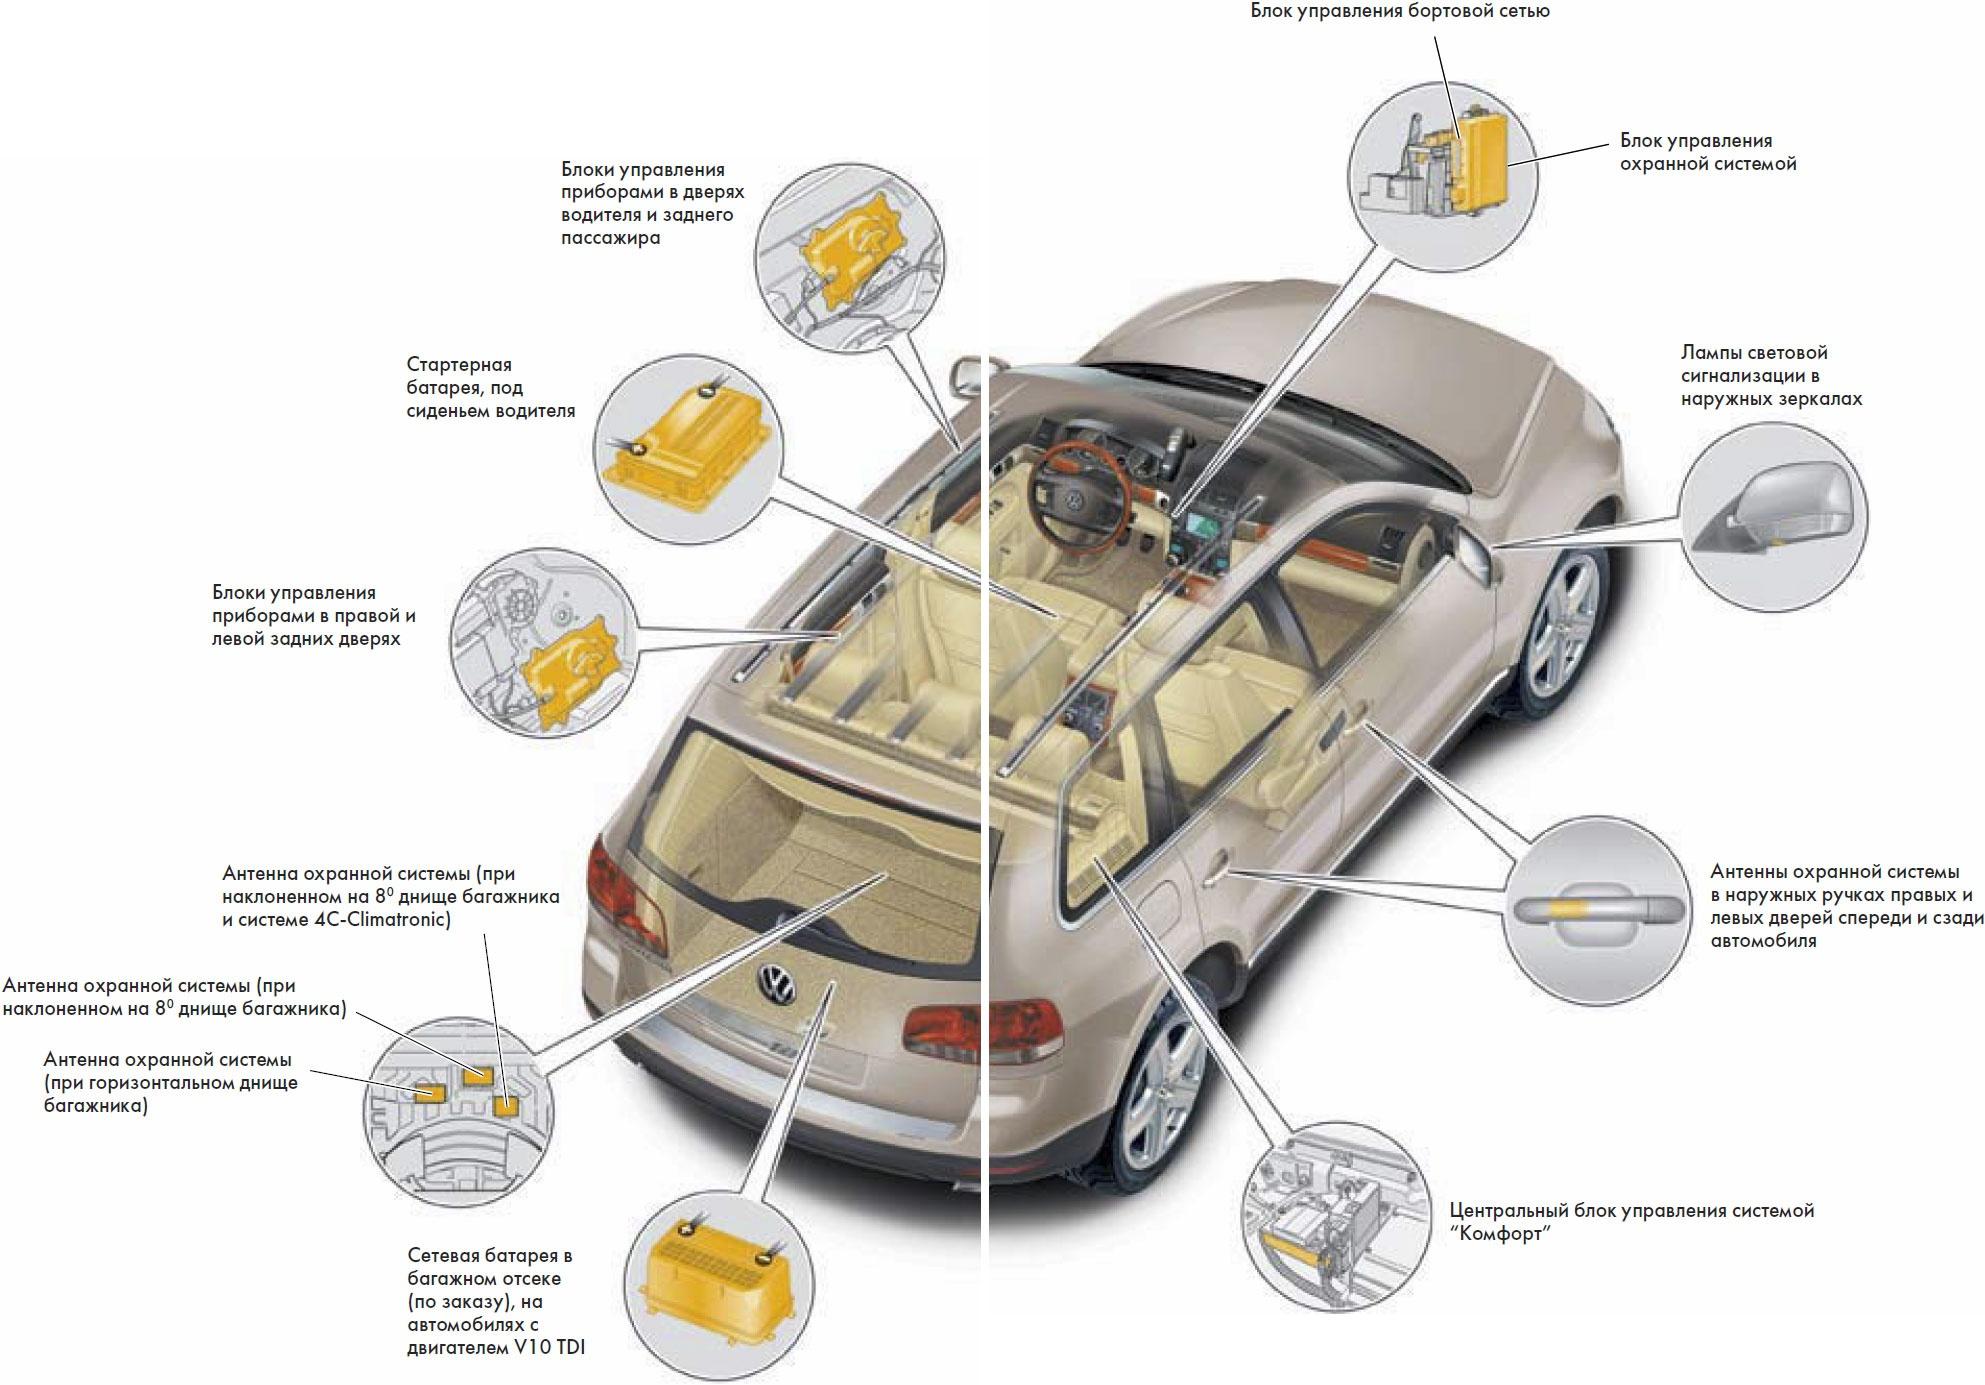 Как прицепить прицеп к легковому авто